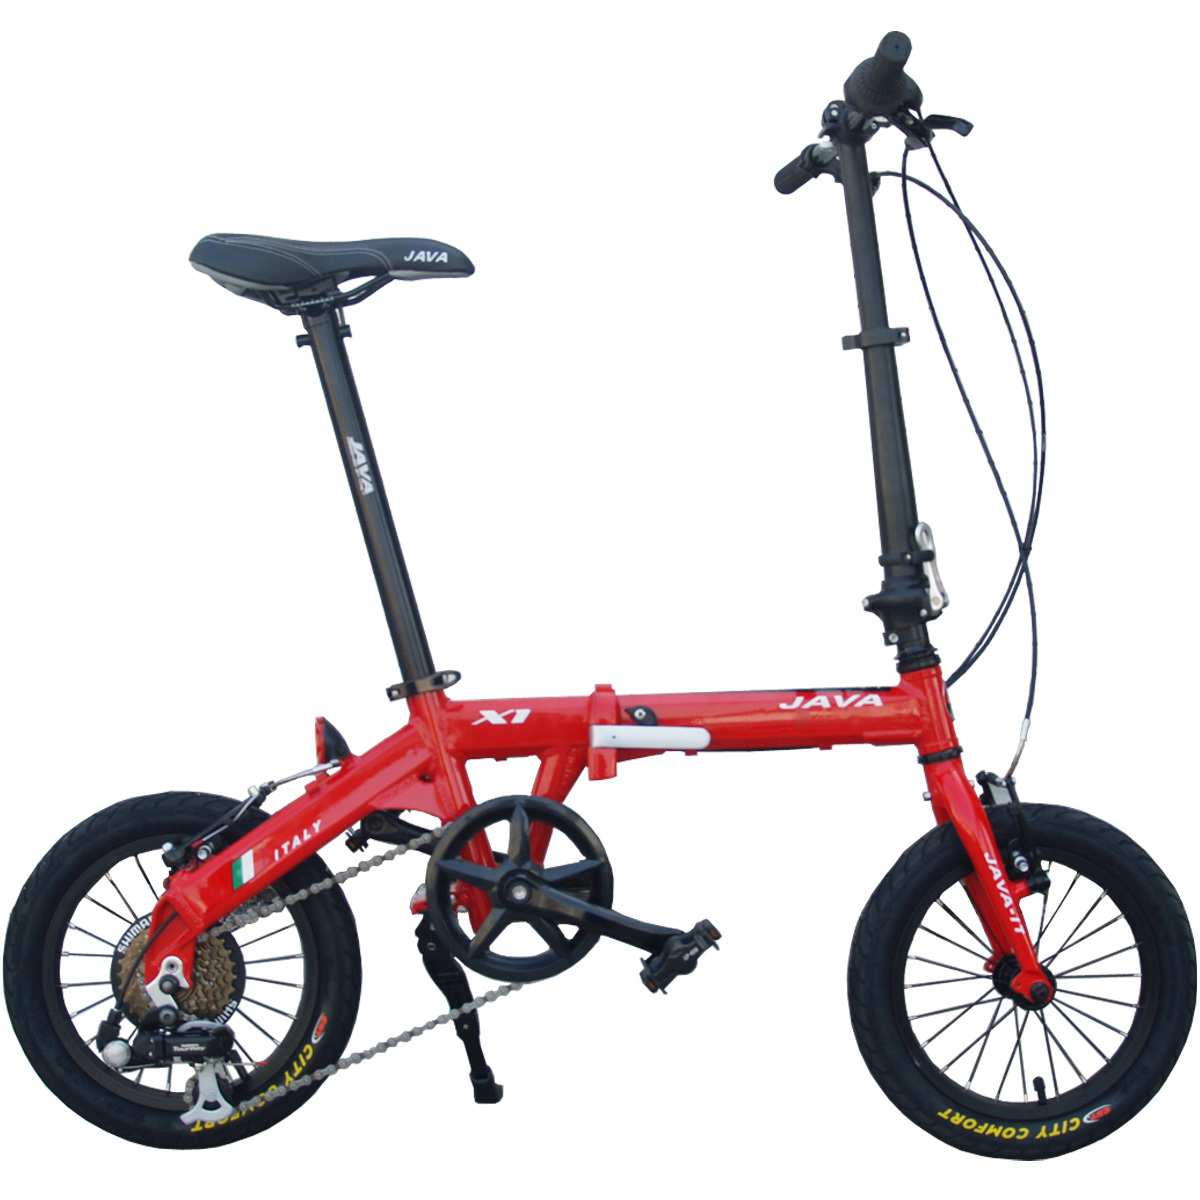 Xe đạp gấp Java X1 6 Speed,xe đạp gấp,xe dap gap,xe đạp gấp java,xe đạp gấp gọn,xe đạp gấp thể thao,folding bike,xe đạp thể thao